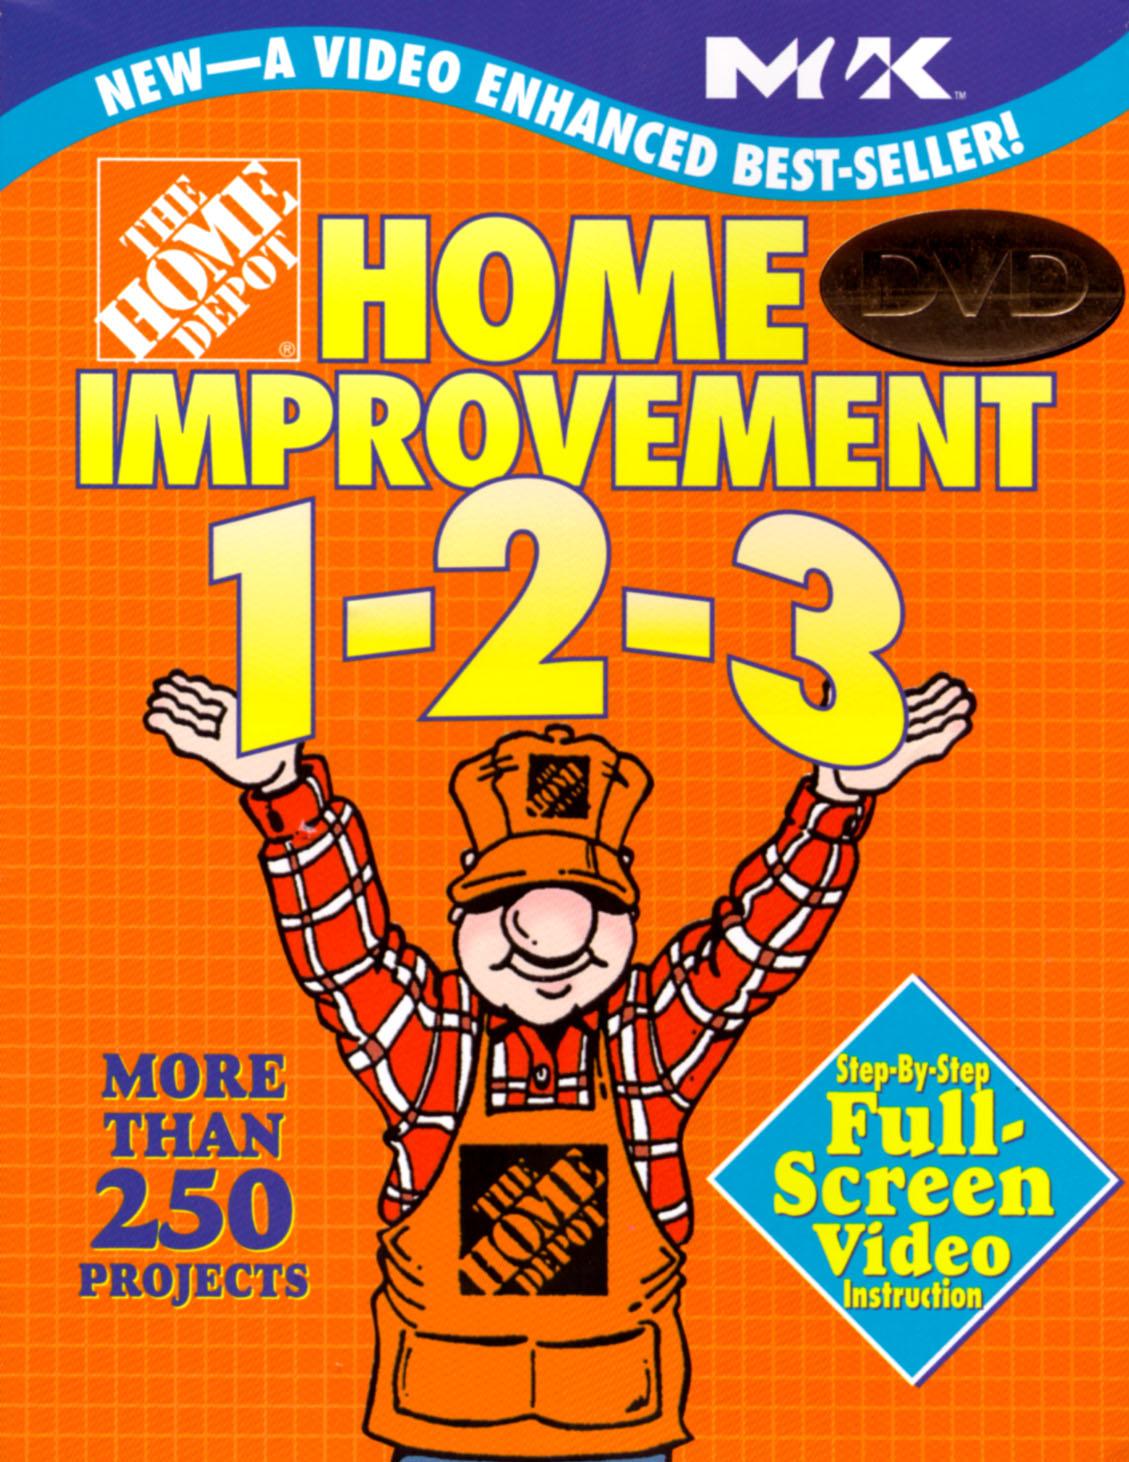 Home Depot Home Improvement 1-2-3